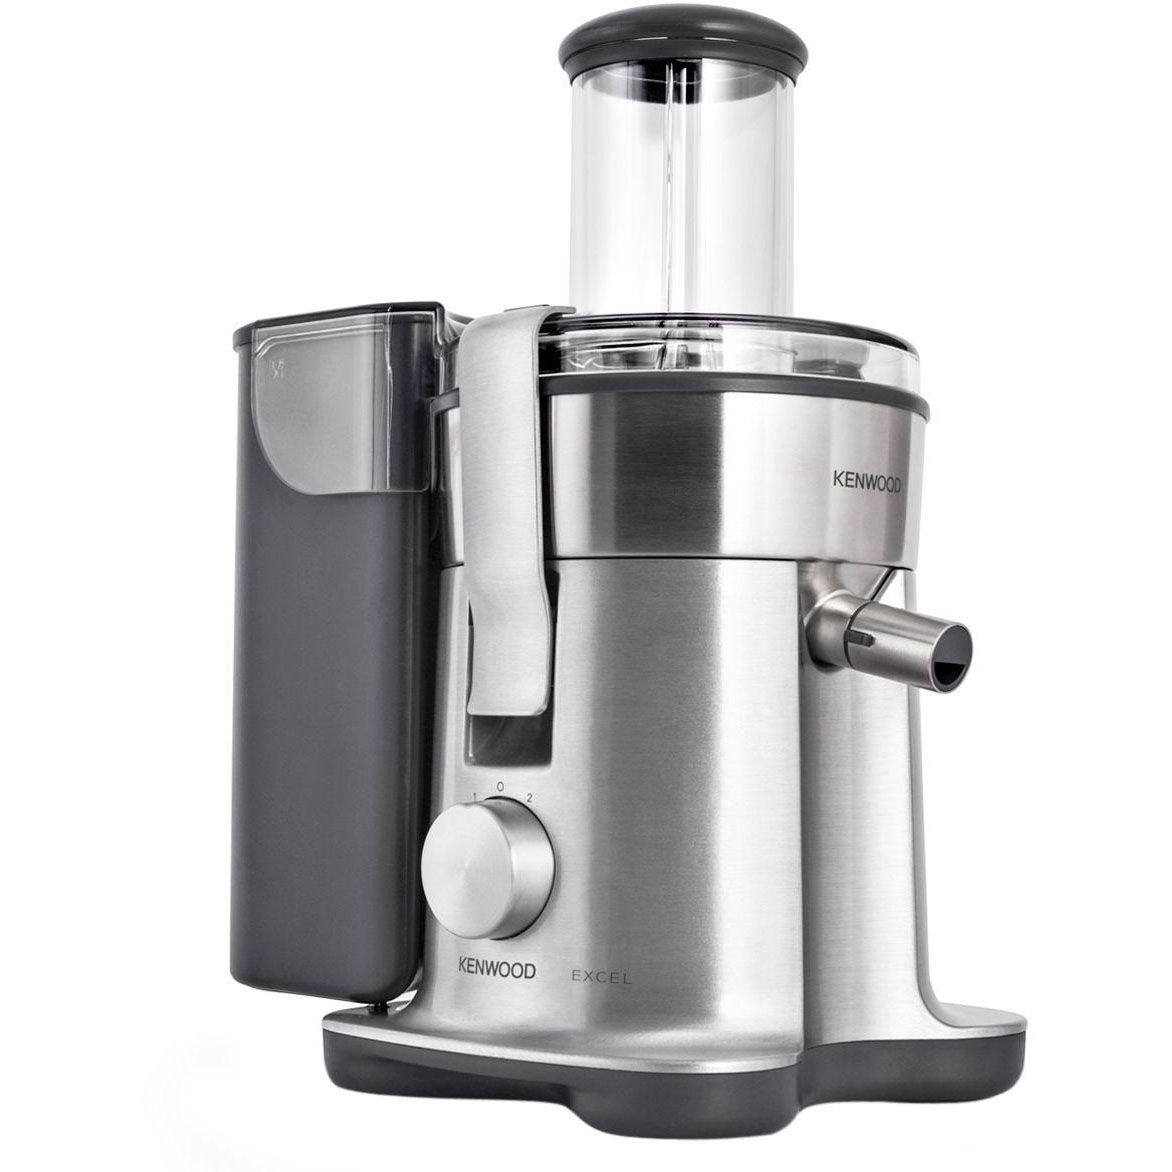 Kenwood JE850 EXCEL Juicer - Silver